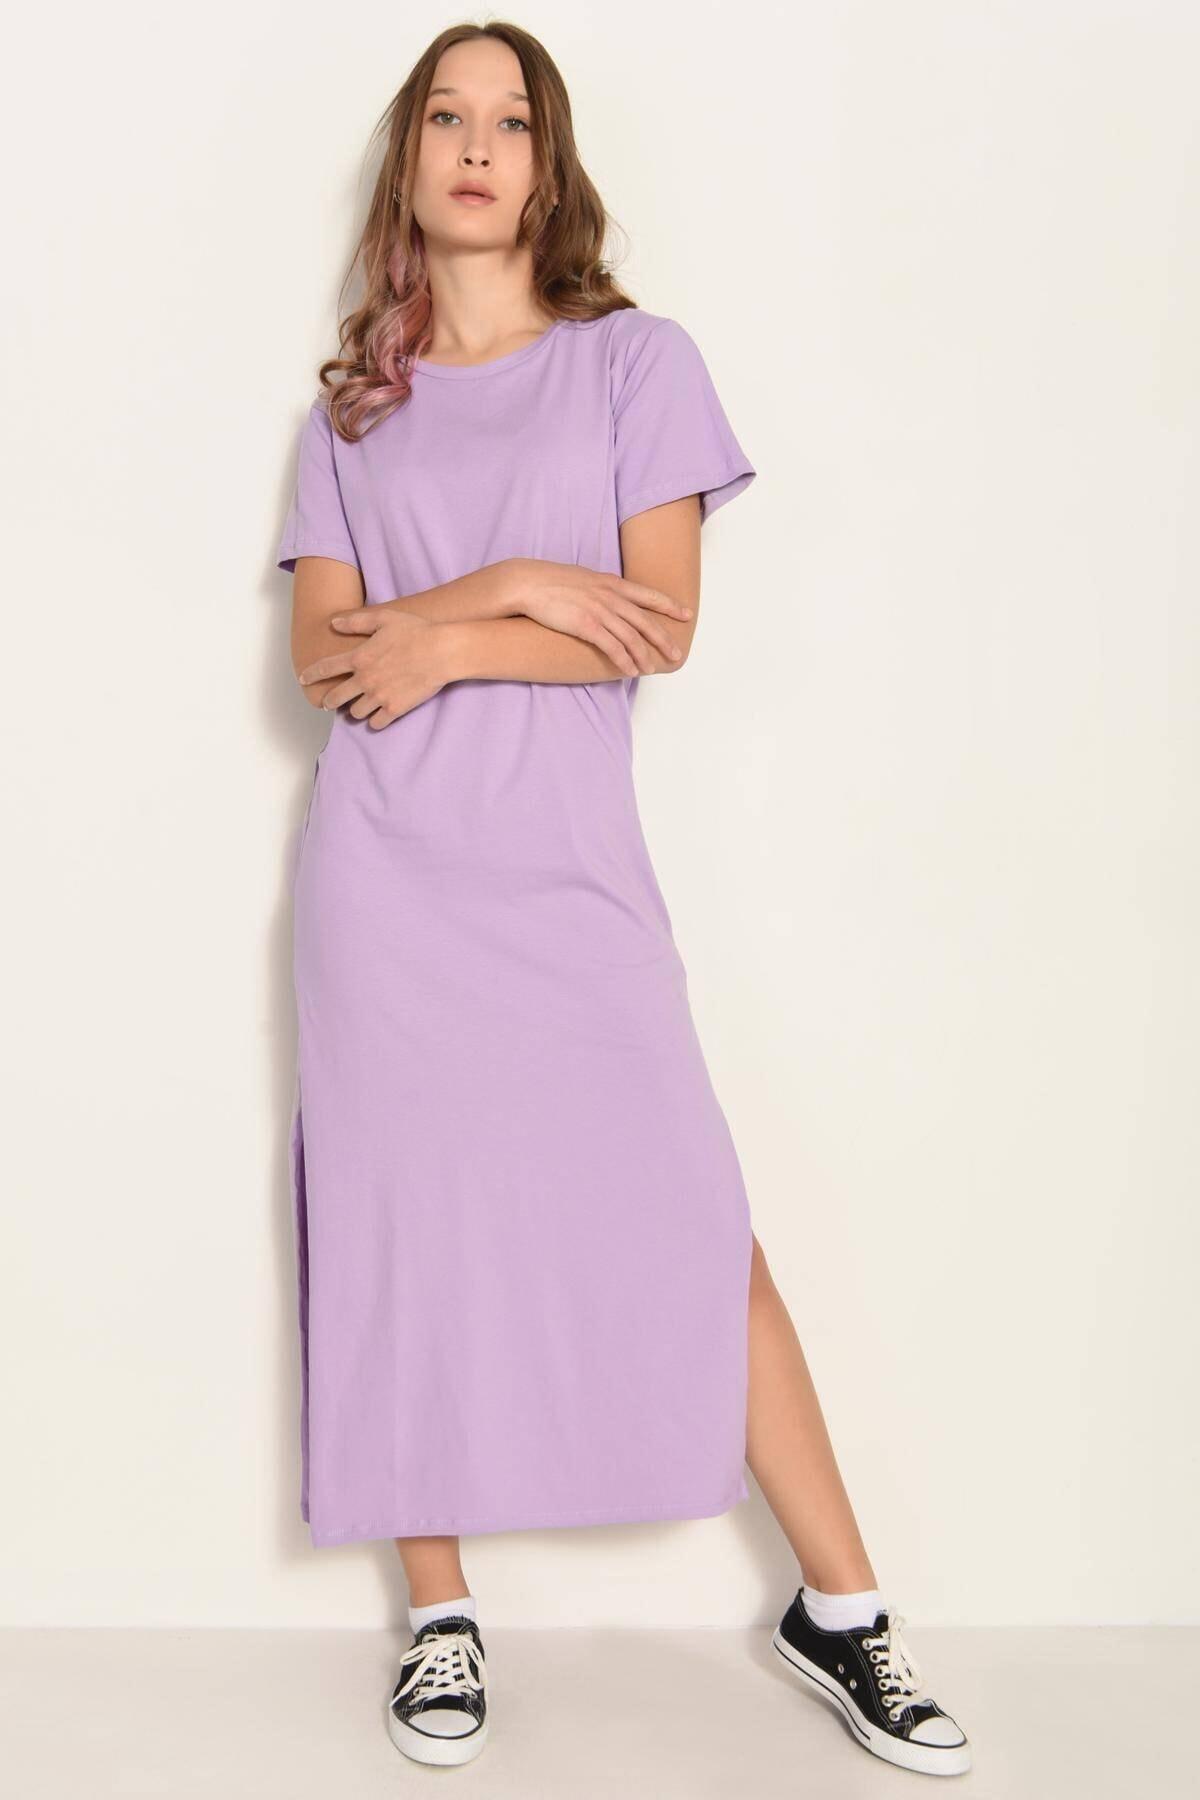 Addax Kadın Lila Yırtmaçlı Uzun Elbise E0729 - DK2 ADX-0000020575